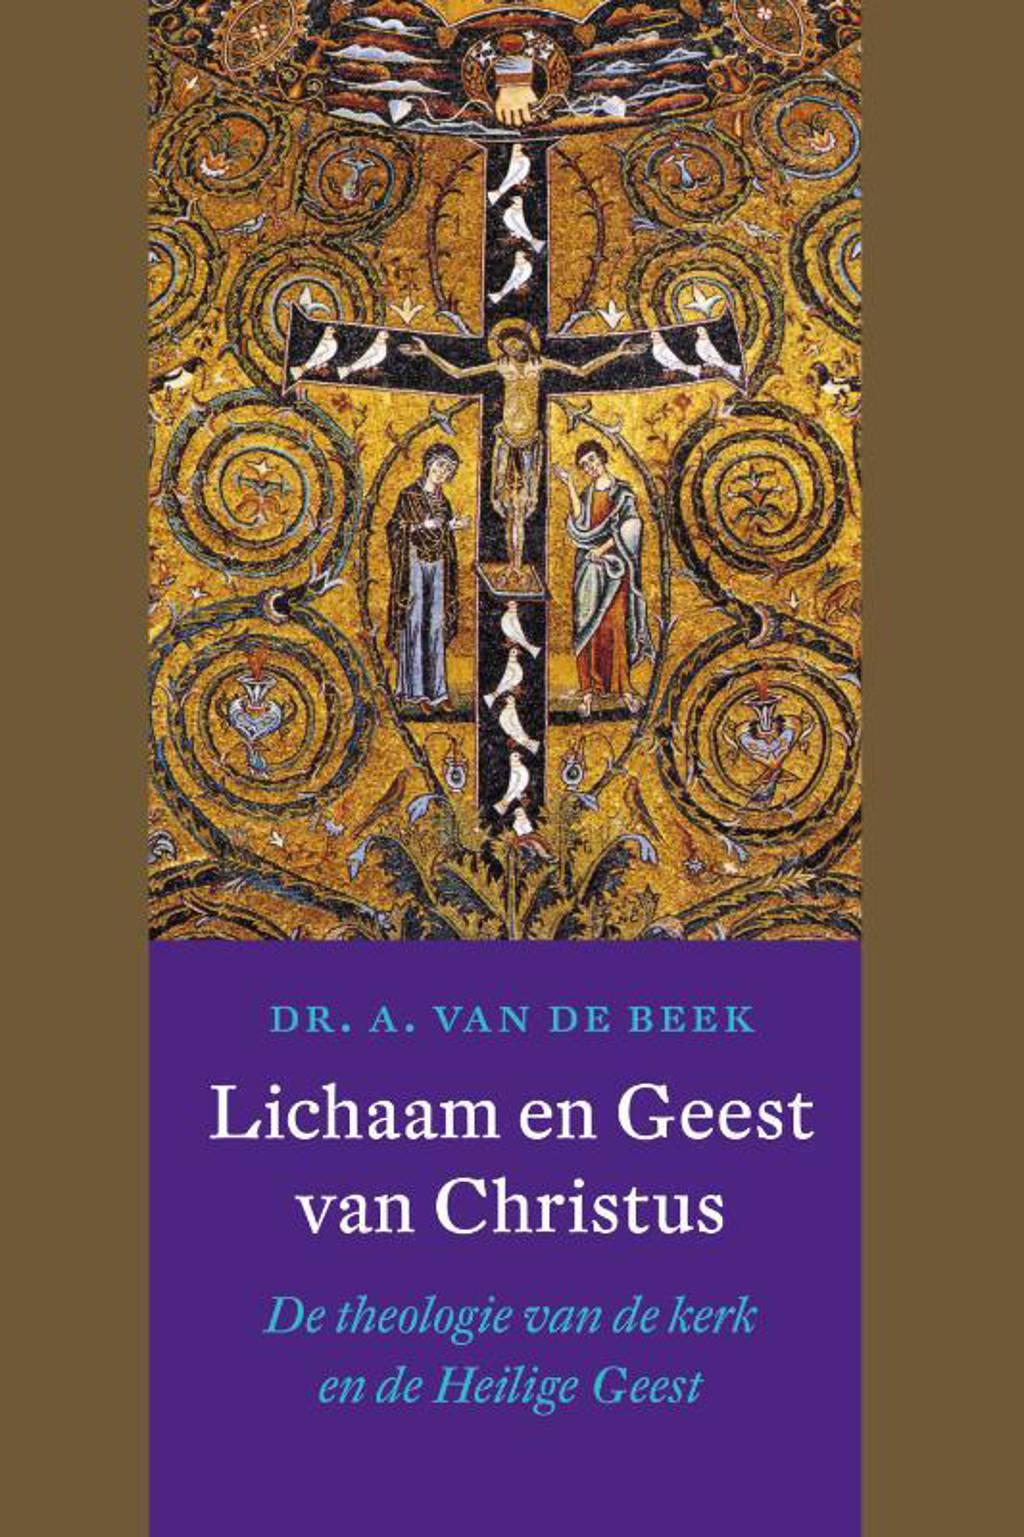 Lichaam en Geest van Christus - A. van de Beek